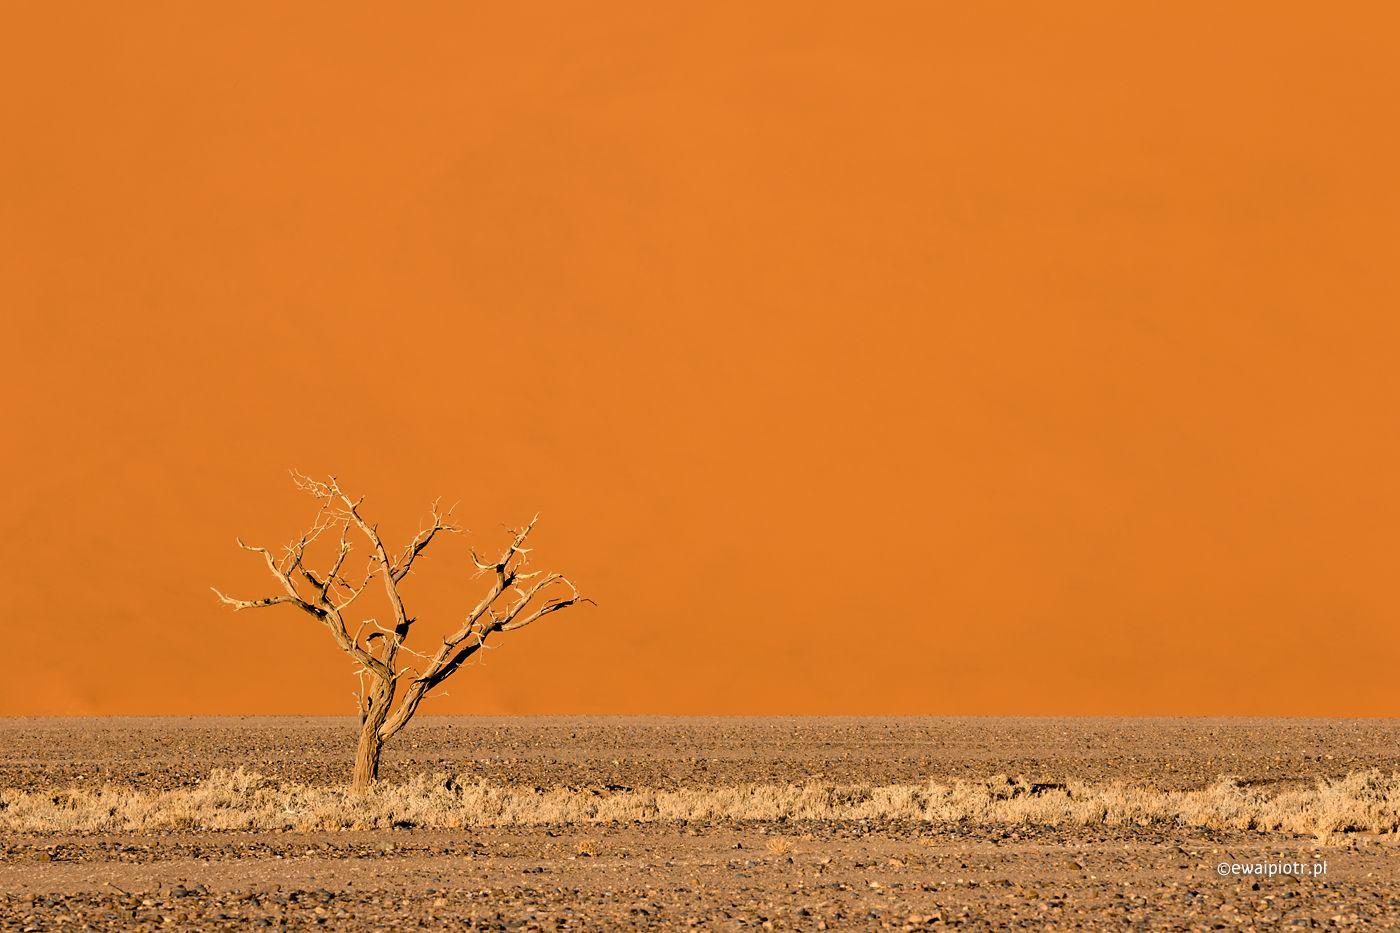 Drzewo i wydma, Namibia, przestrzeń negatywna, kompozycja